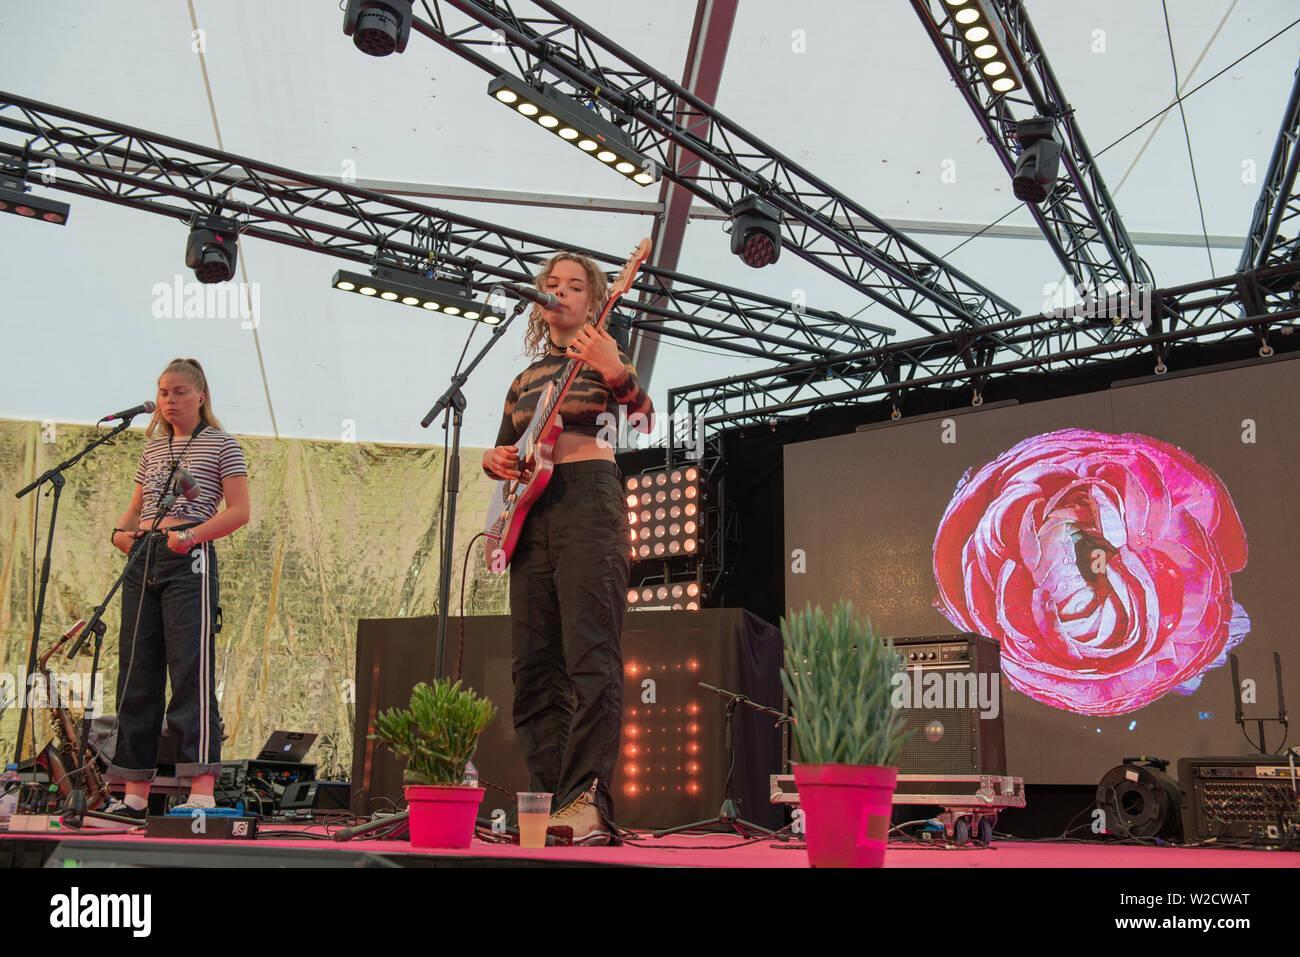 Turku, Finlande. 7 juillet 2019. Chanteuse de rock britannique Nilüfer Yanya effectue au 50e Festival Ruisrock. (Photo: Stefan Crämer) Banque D'Images